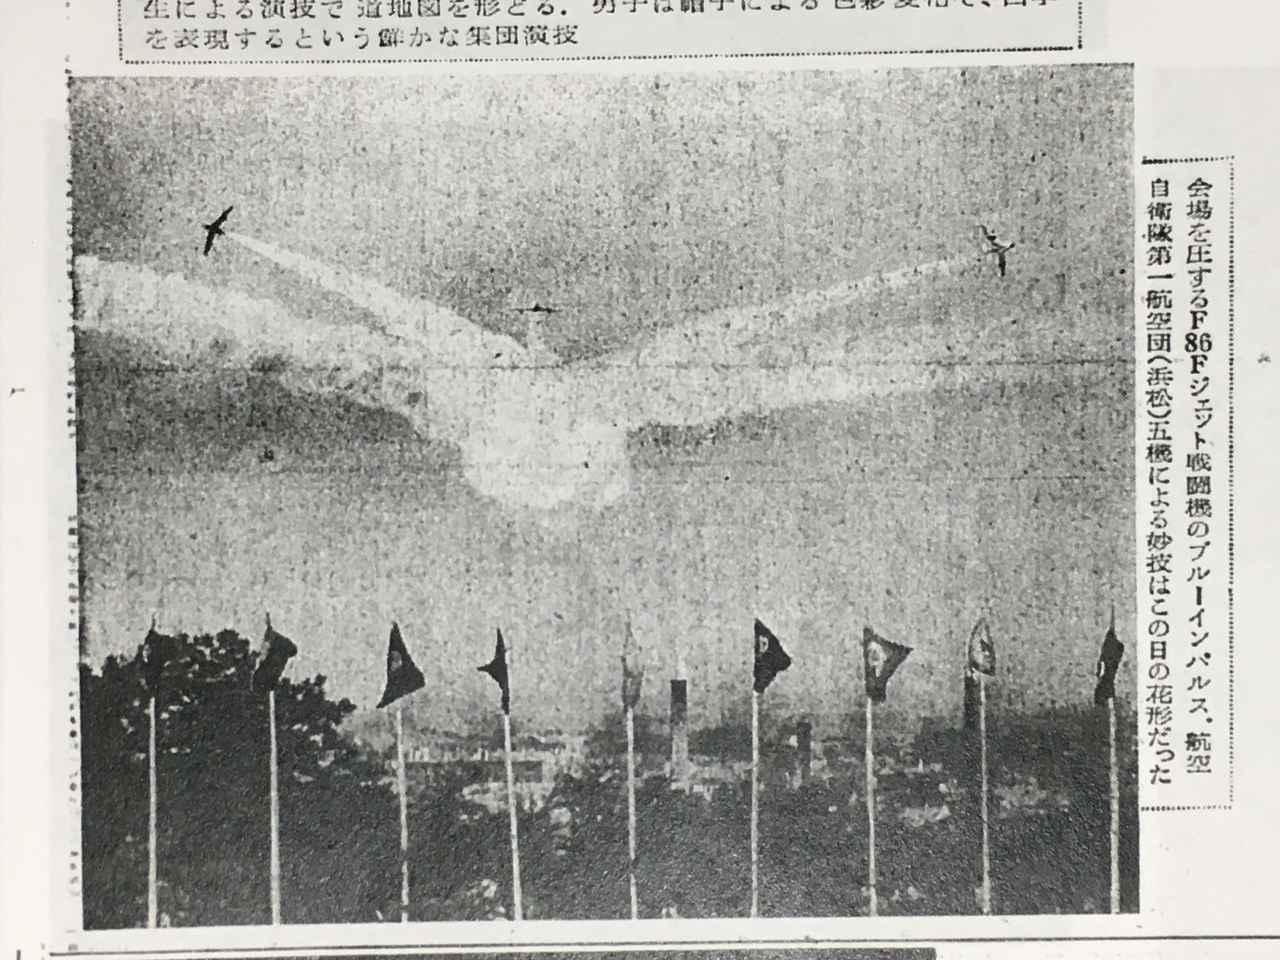 画像: 北海タイムス朝刊のレベルオープナー(水平開花)は、ダイヤモンド編隊の背後から5番機が飛び出してきた瞬間を捉えた、当時の機動が良くわかる写真である。